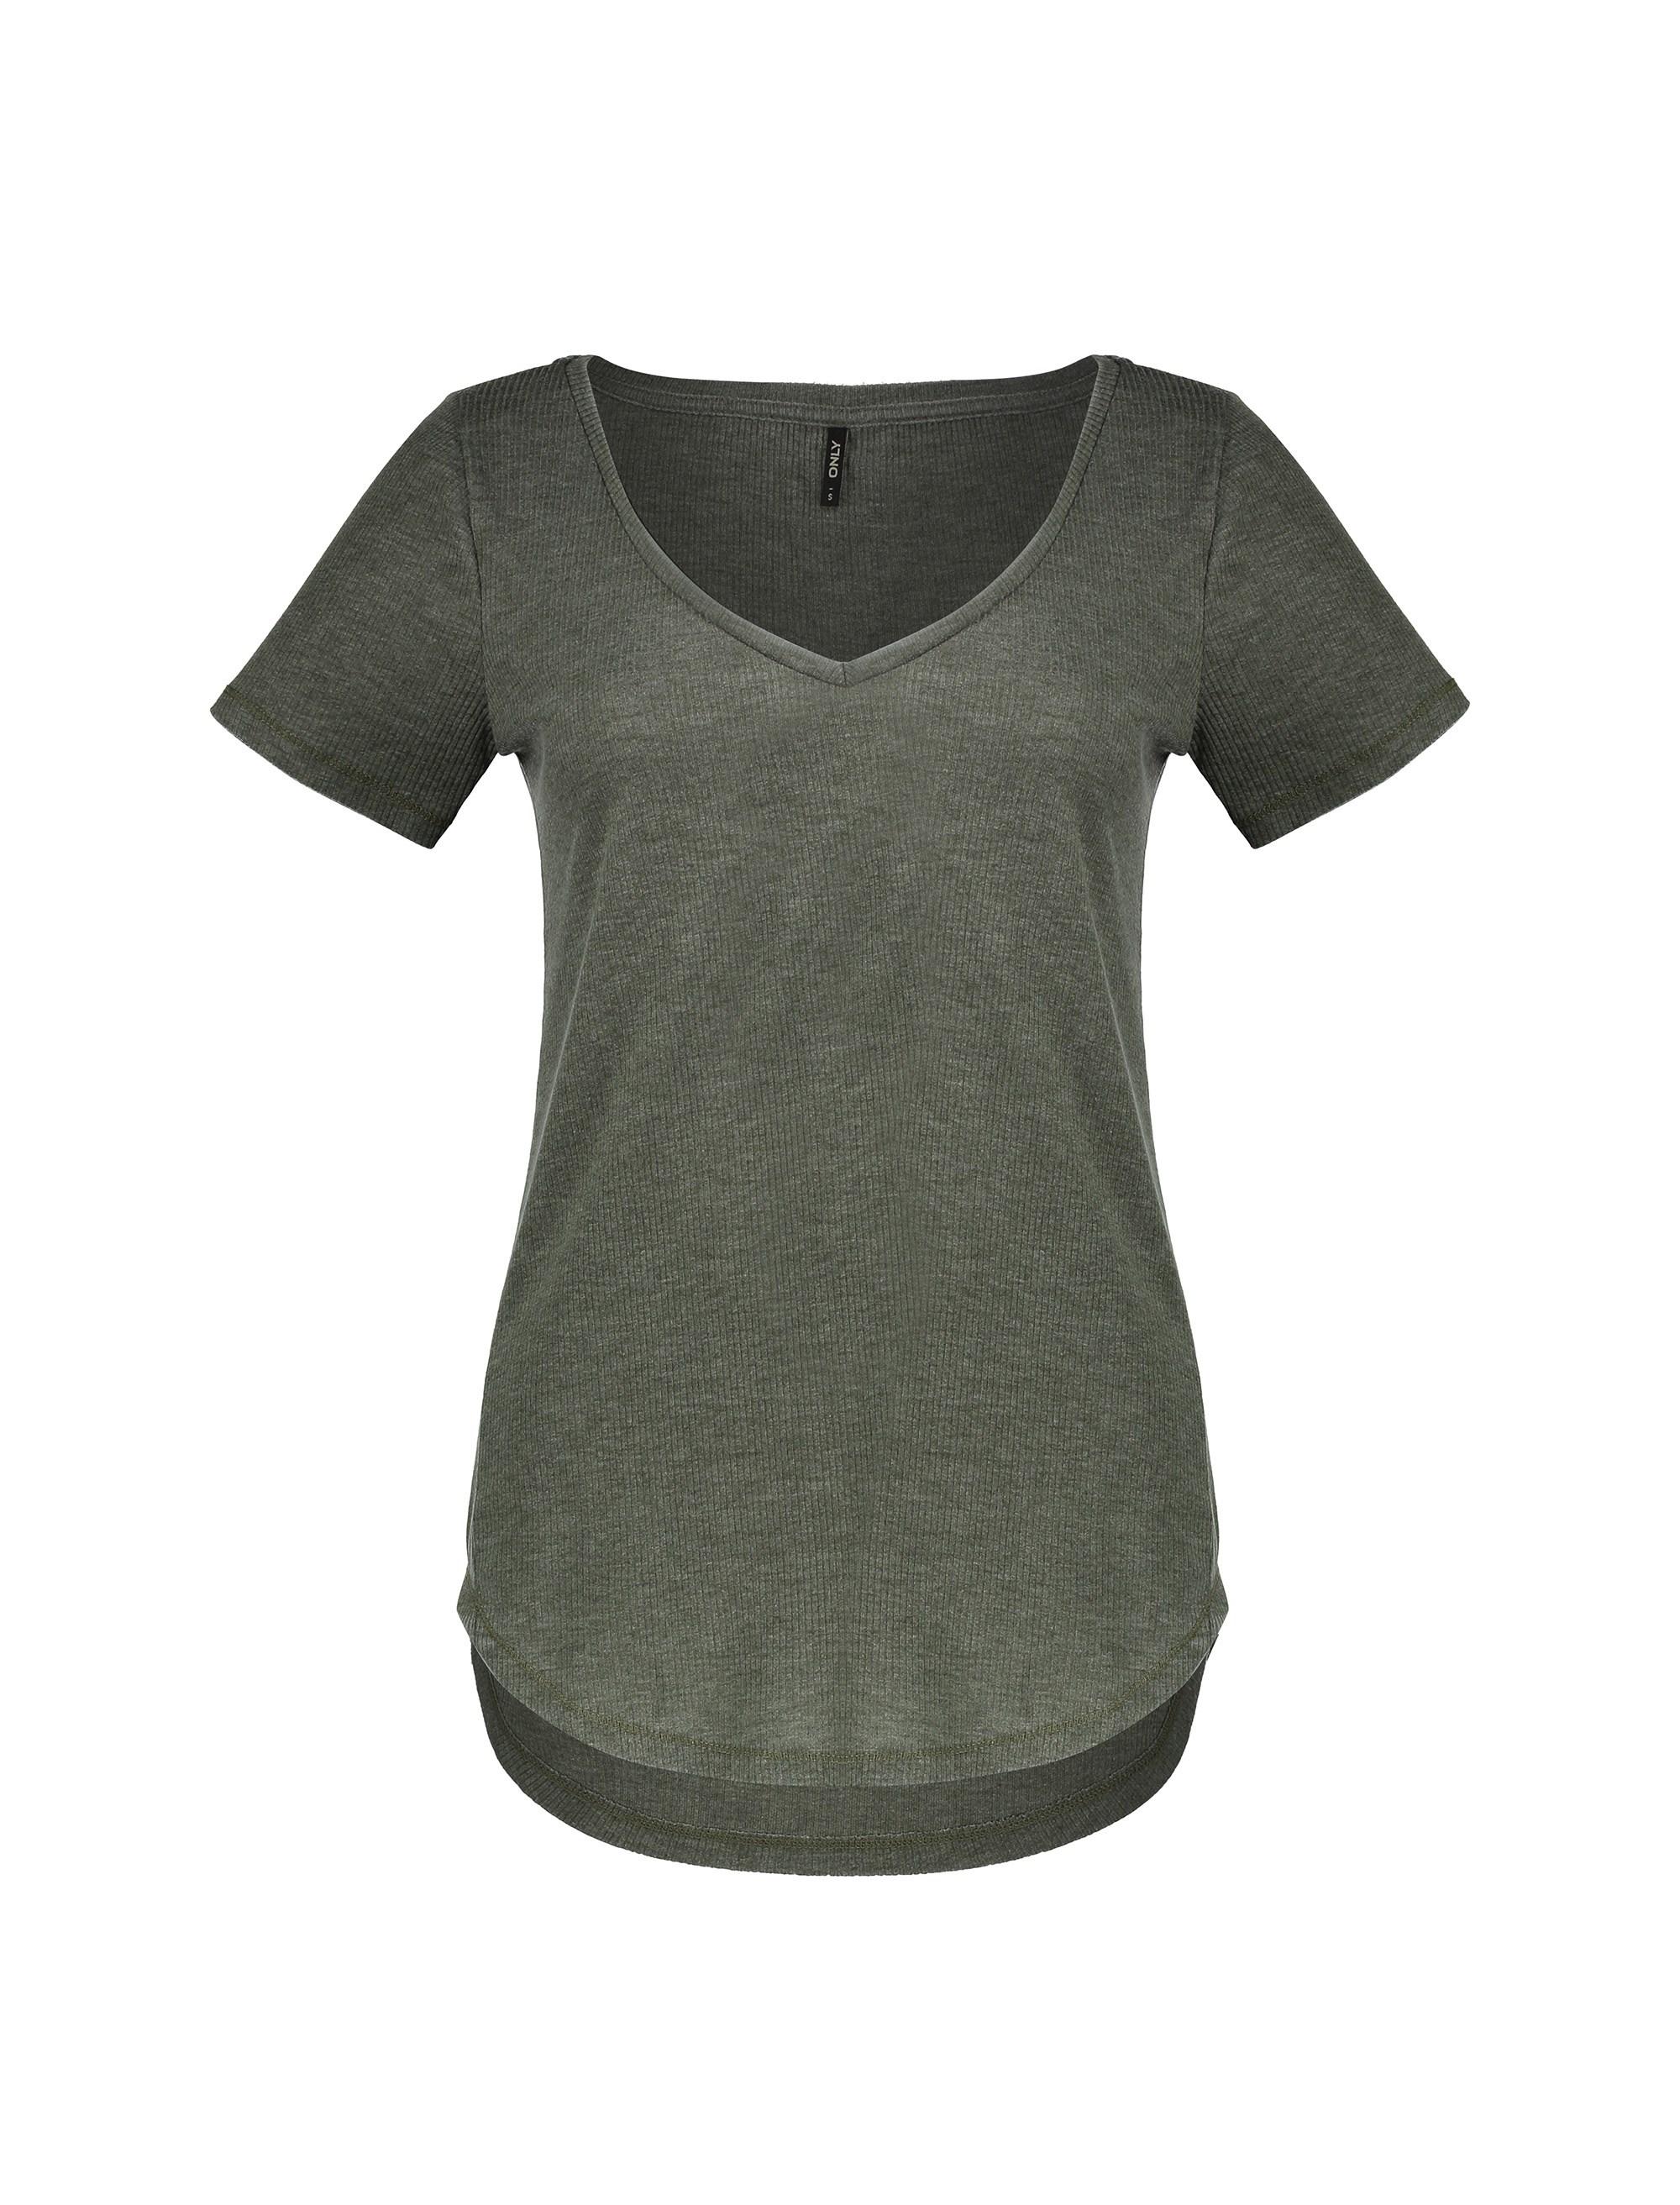 تی شرت یقه هفت زنانه - خاکستري - 1